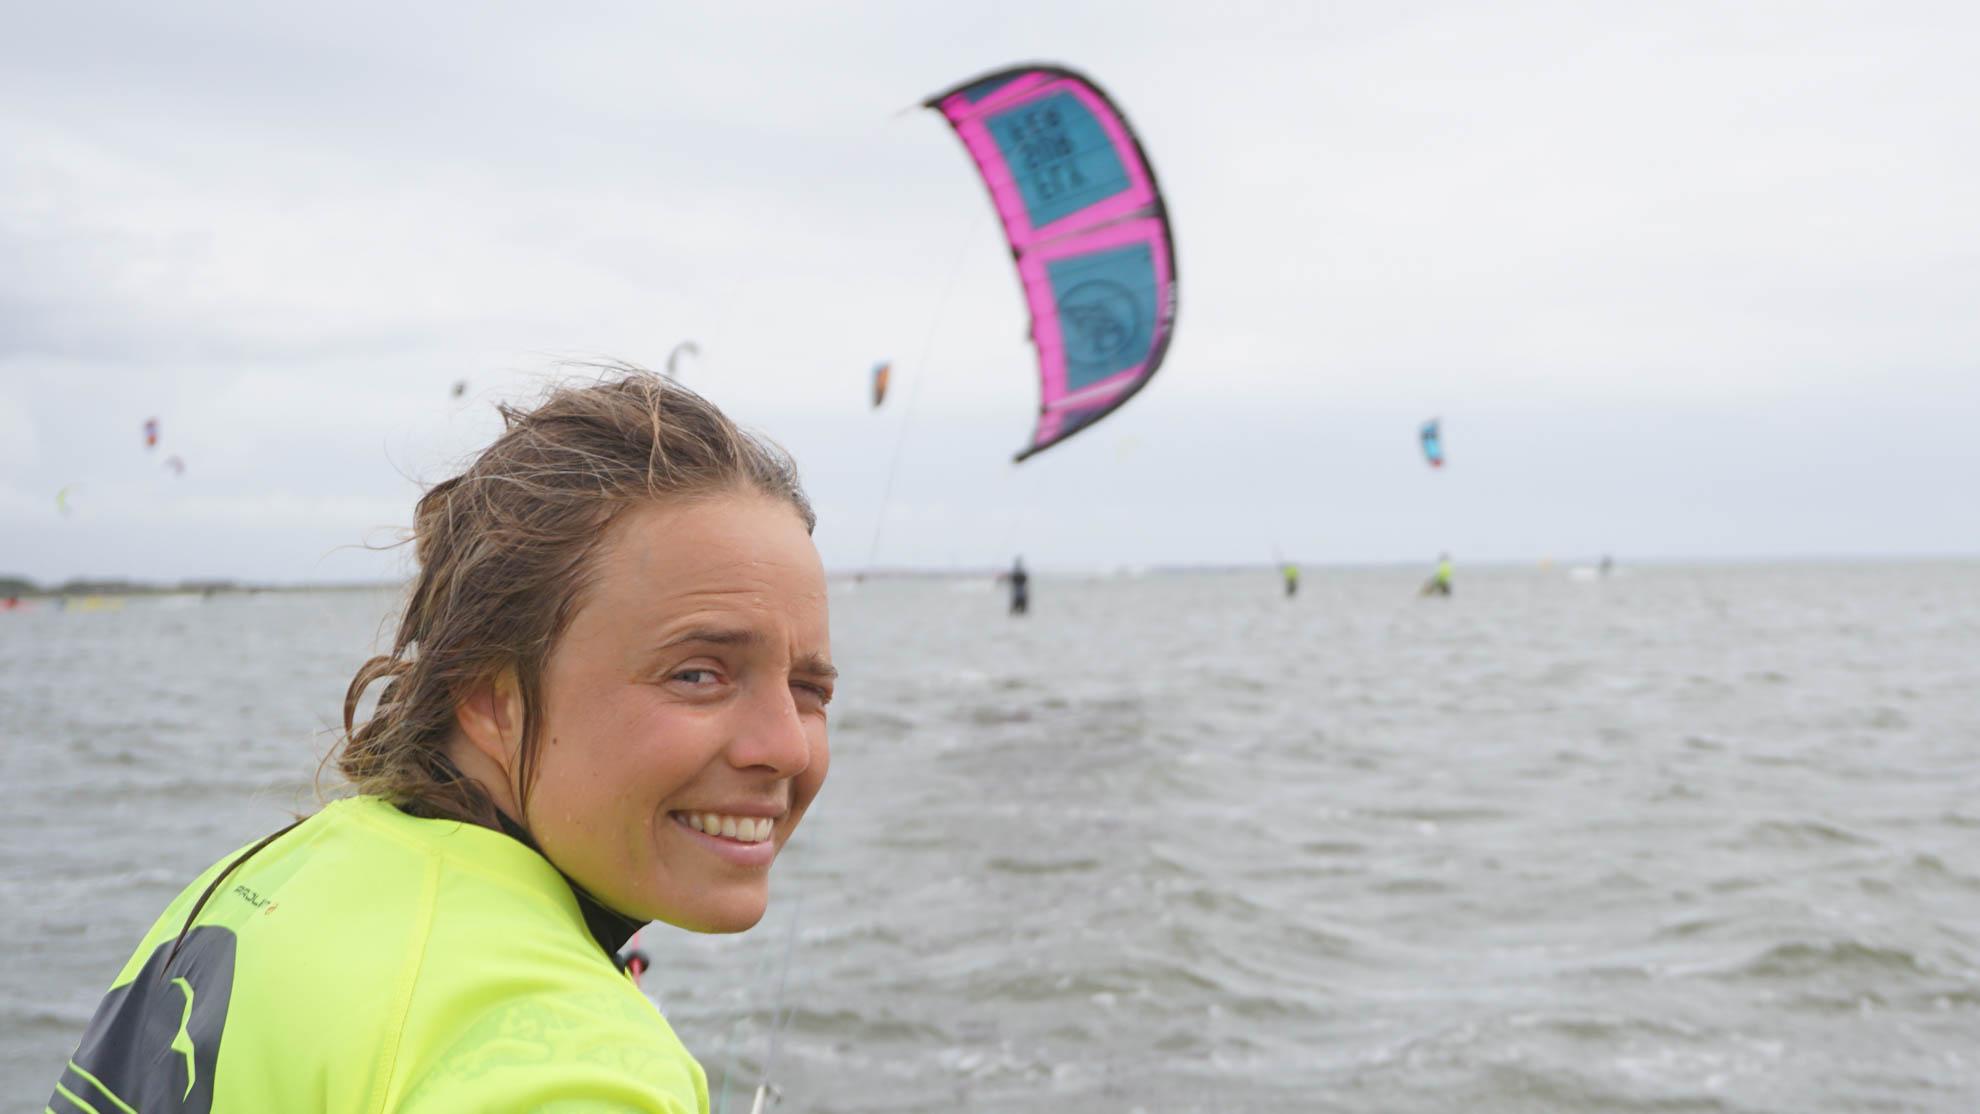 Kitesurferin lächelt im Wasser